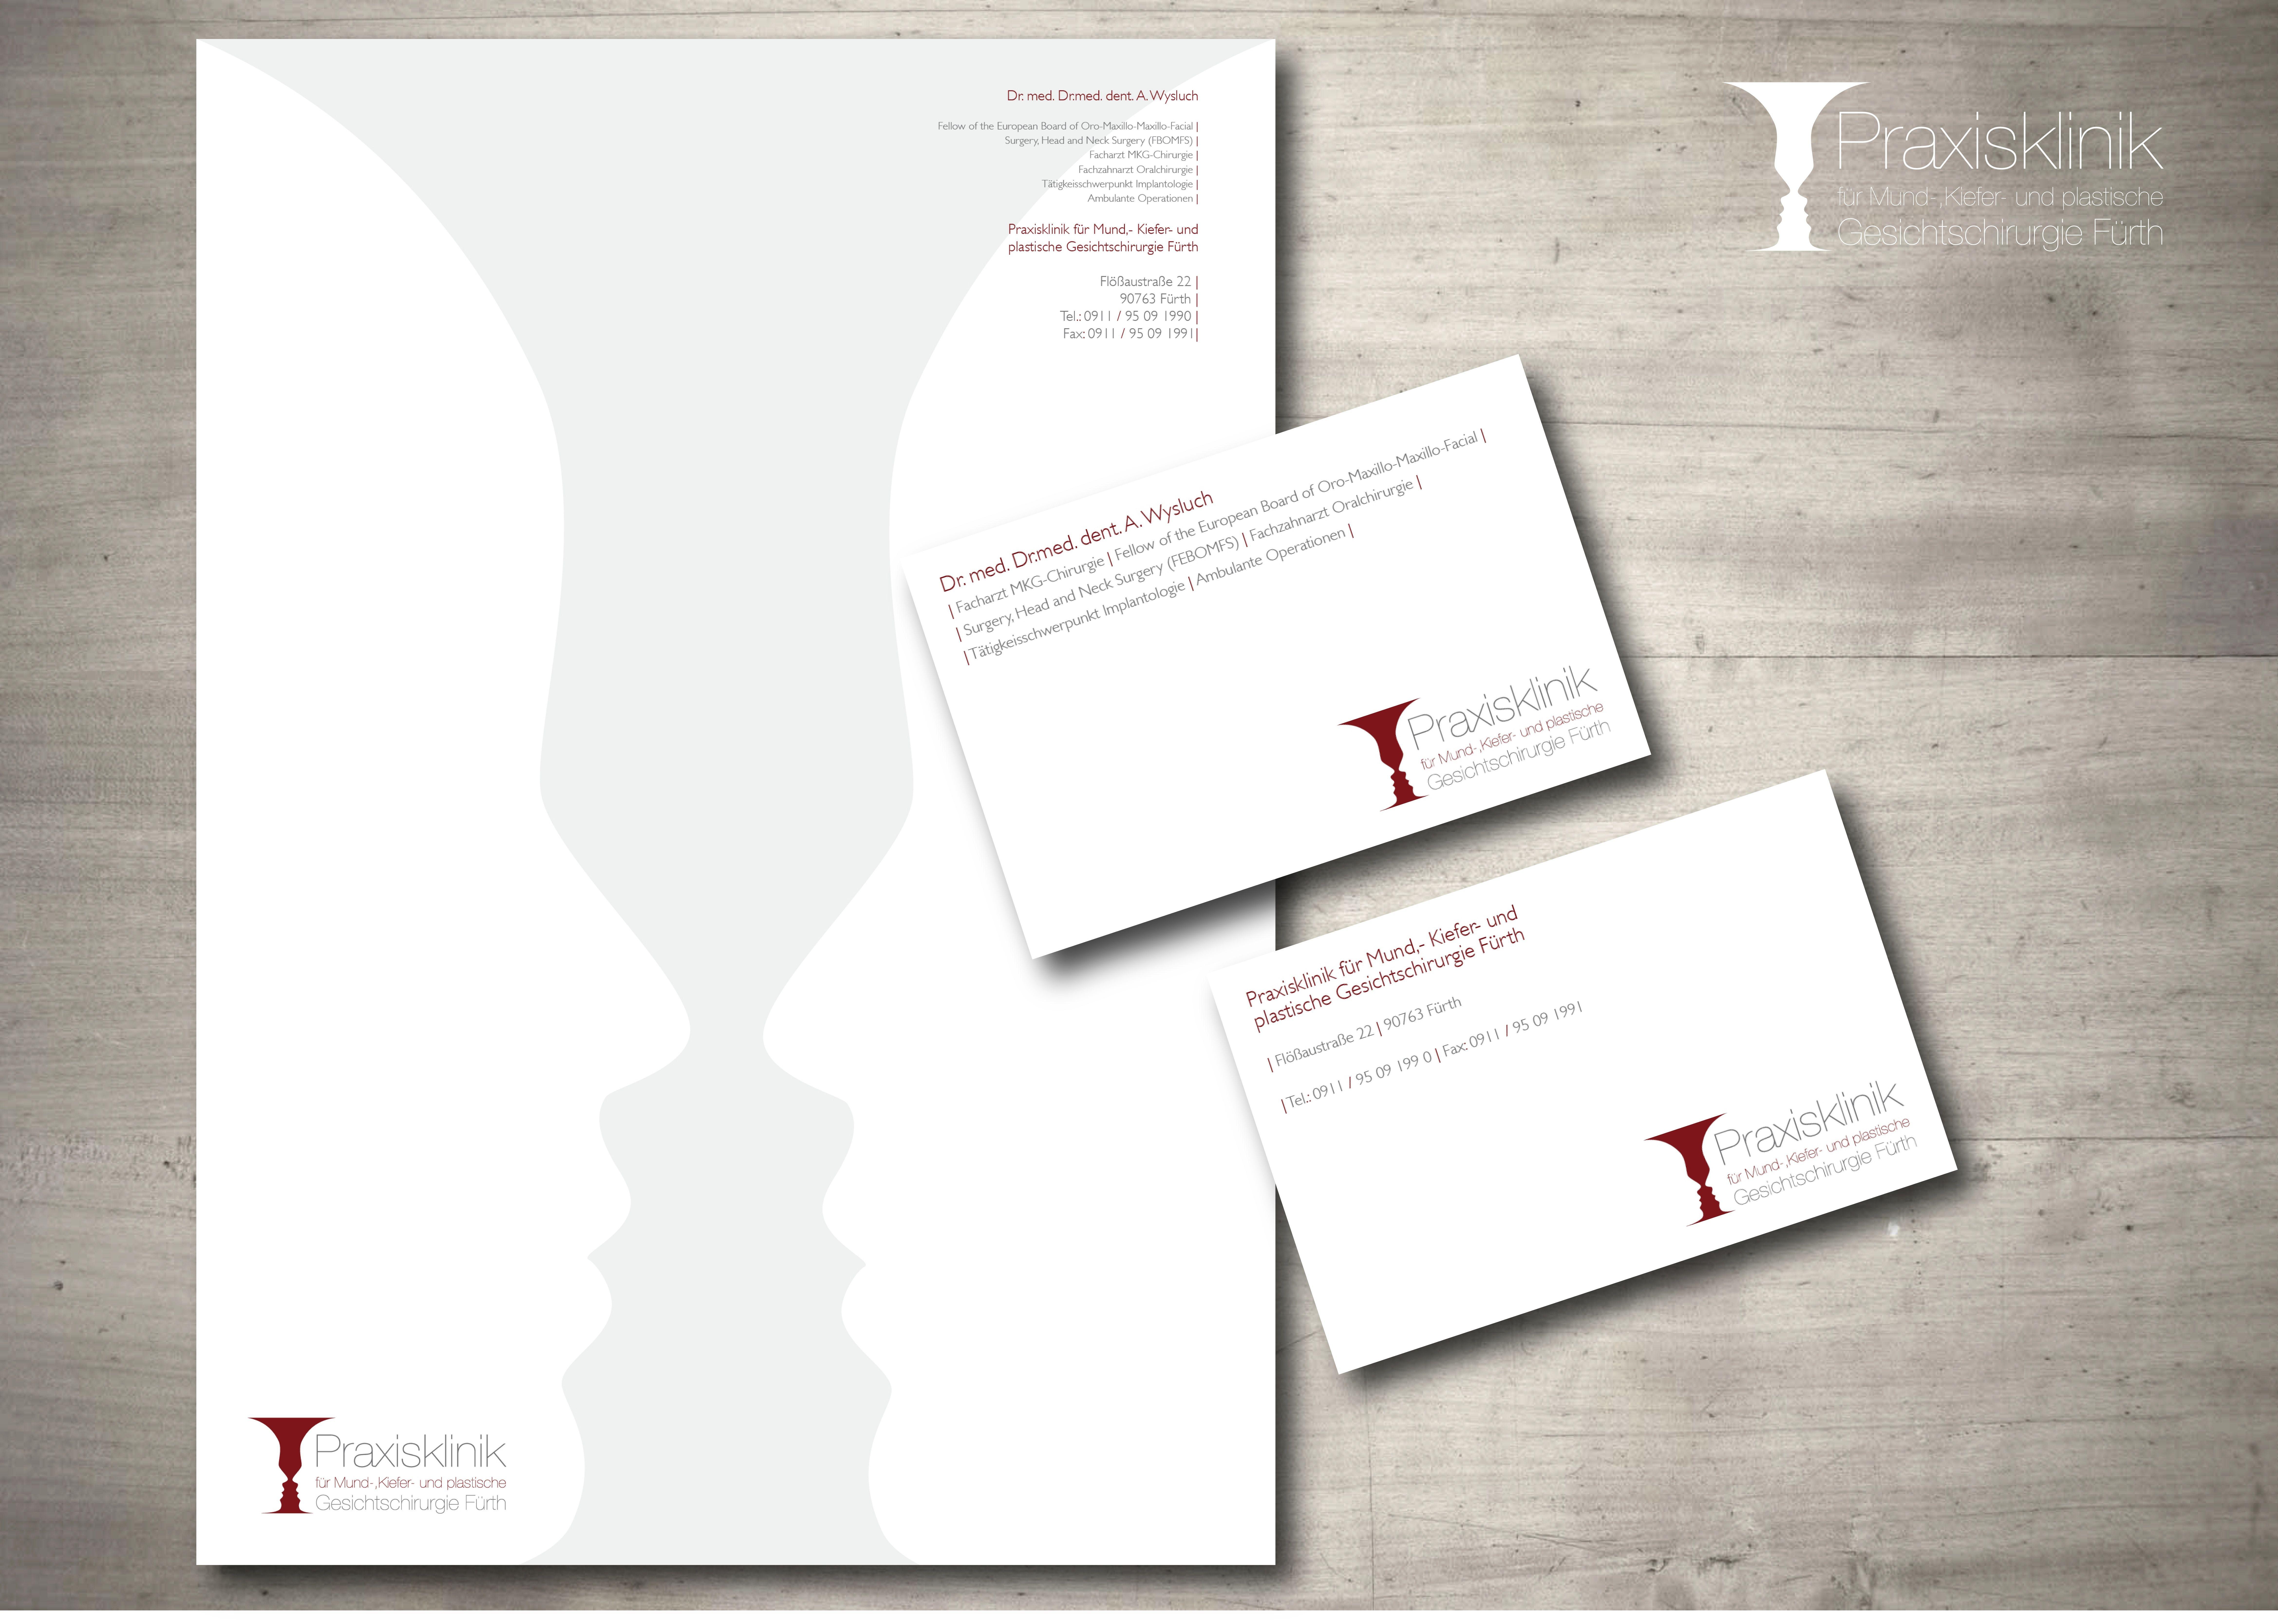 briefpapier visitenkarten und logodesign f r eine chirurgische praxis briefpapier pinterest. Black Bedroom Furniture Sets. Home Design Ideas